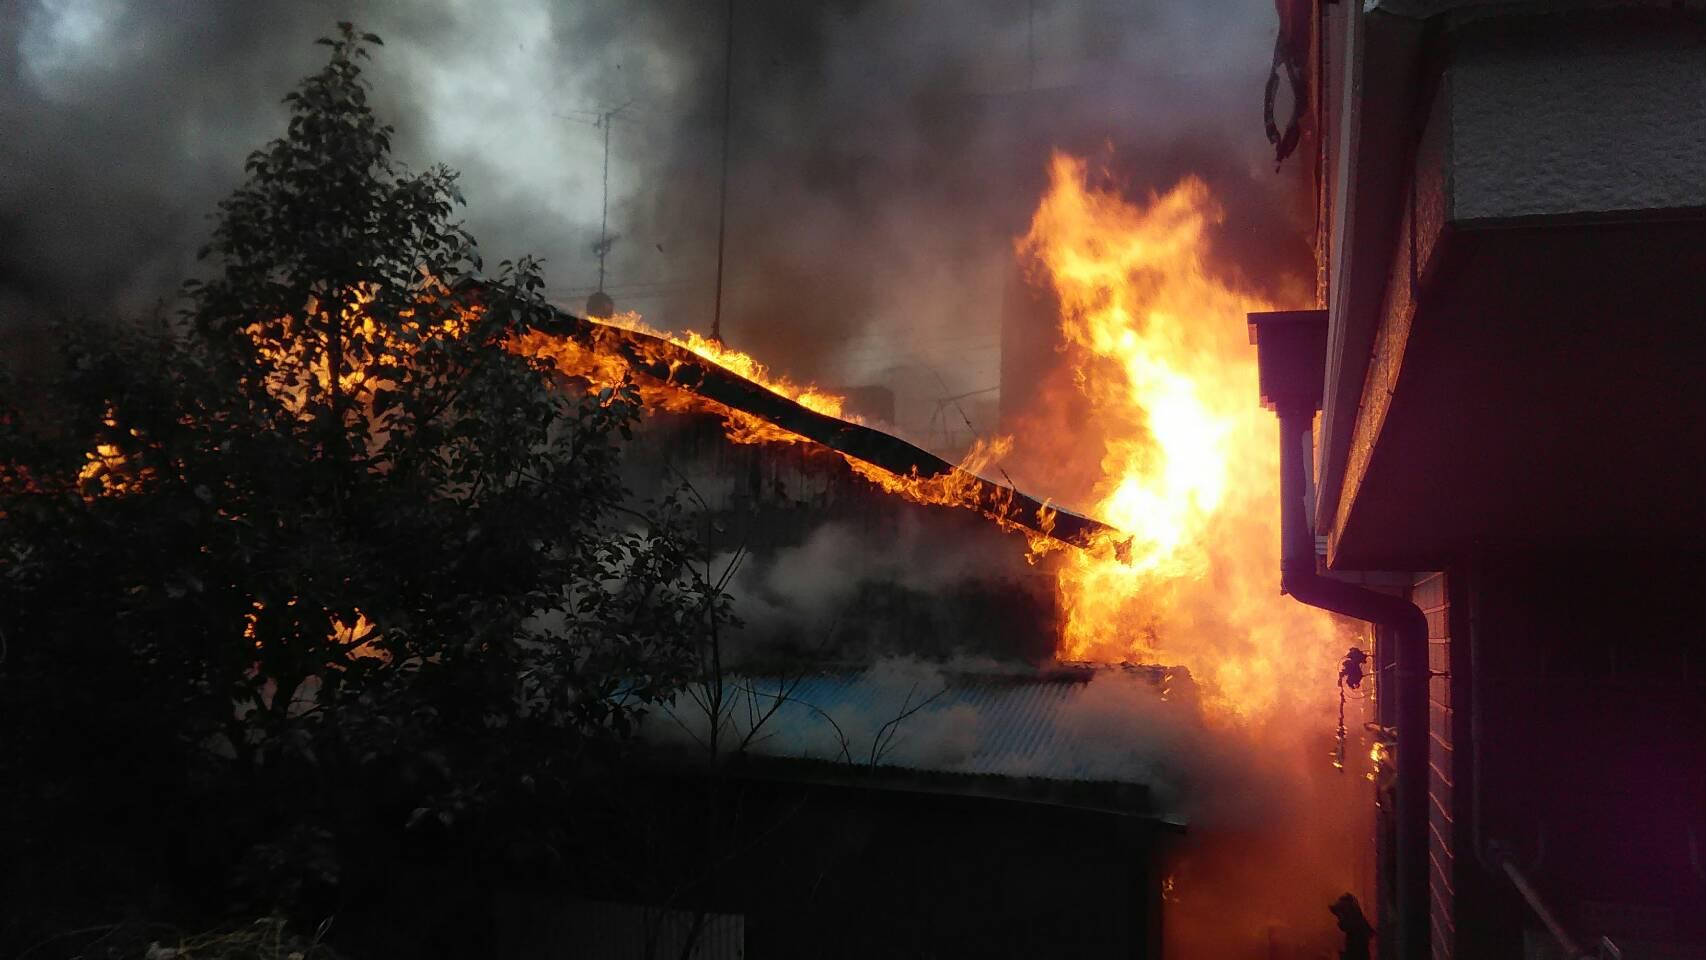 どこ 横浜 火事 横浜第二合同庁舎で火事!火災の現場画像は?どこのあたり?【1/25火事情報速報】:事件と事故のログ